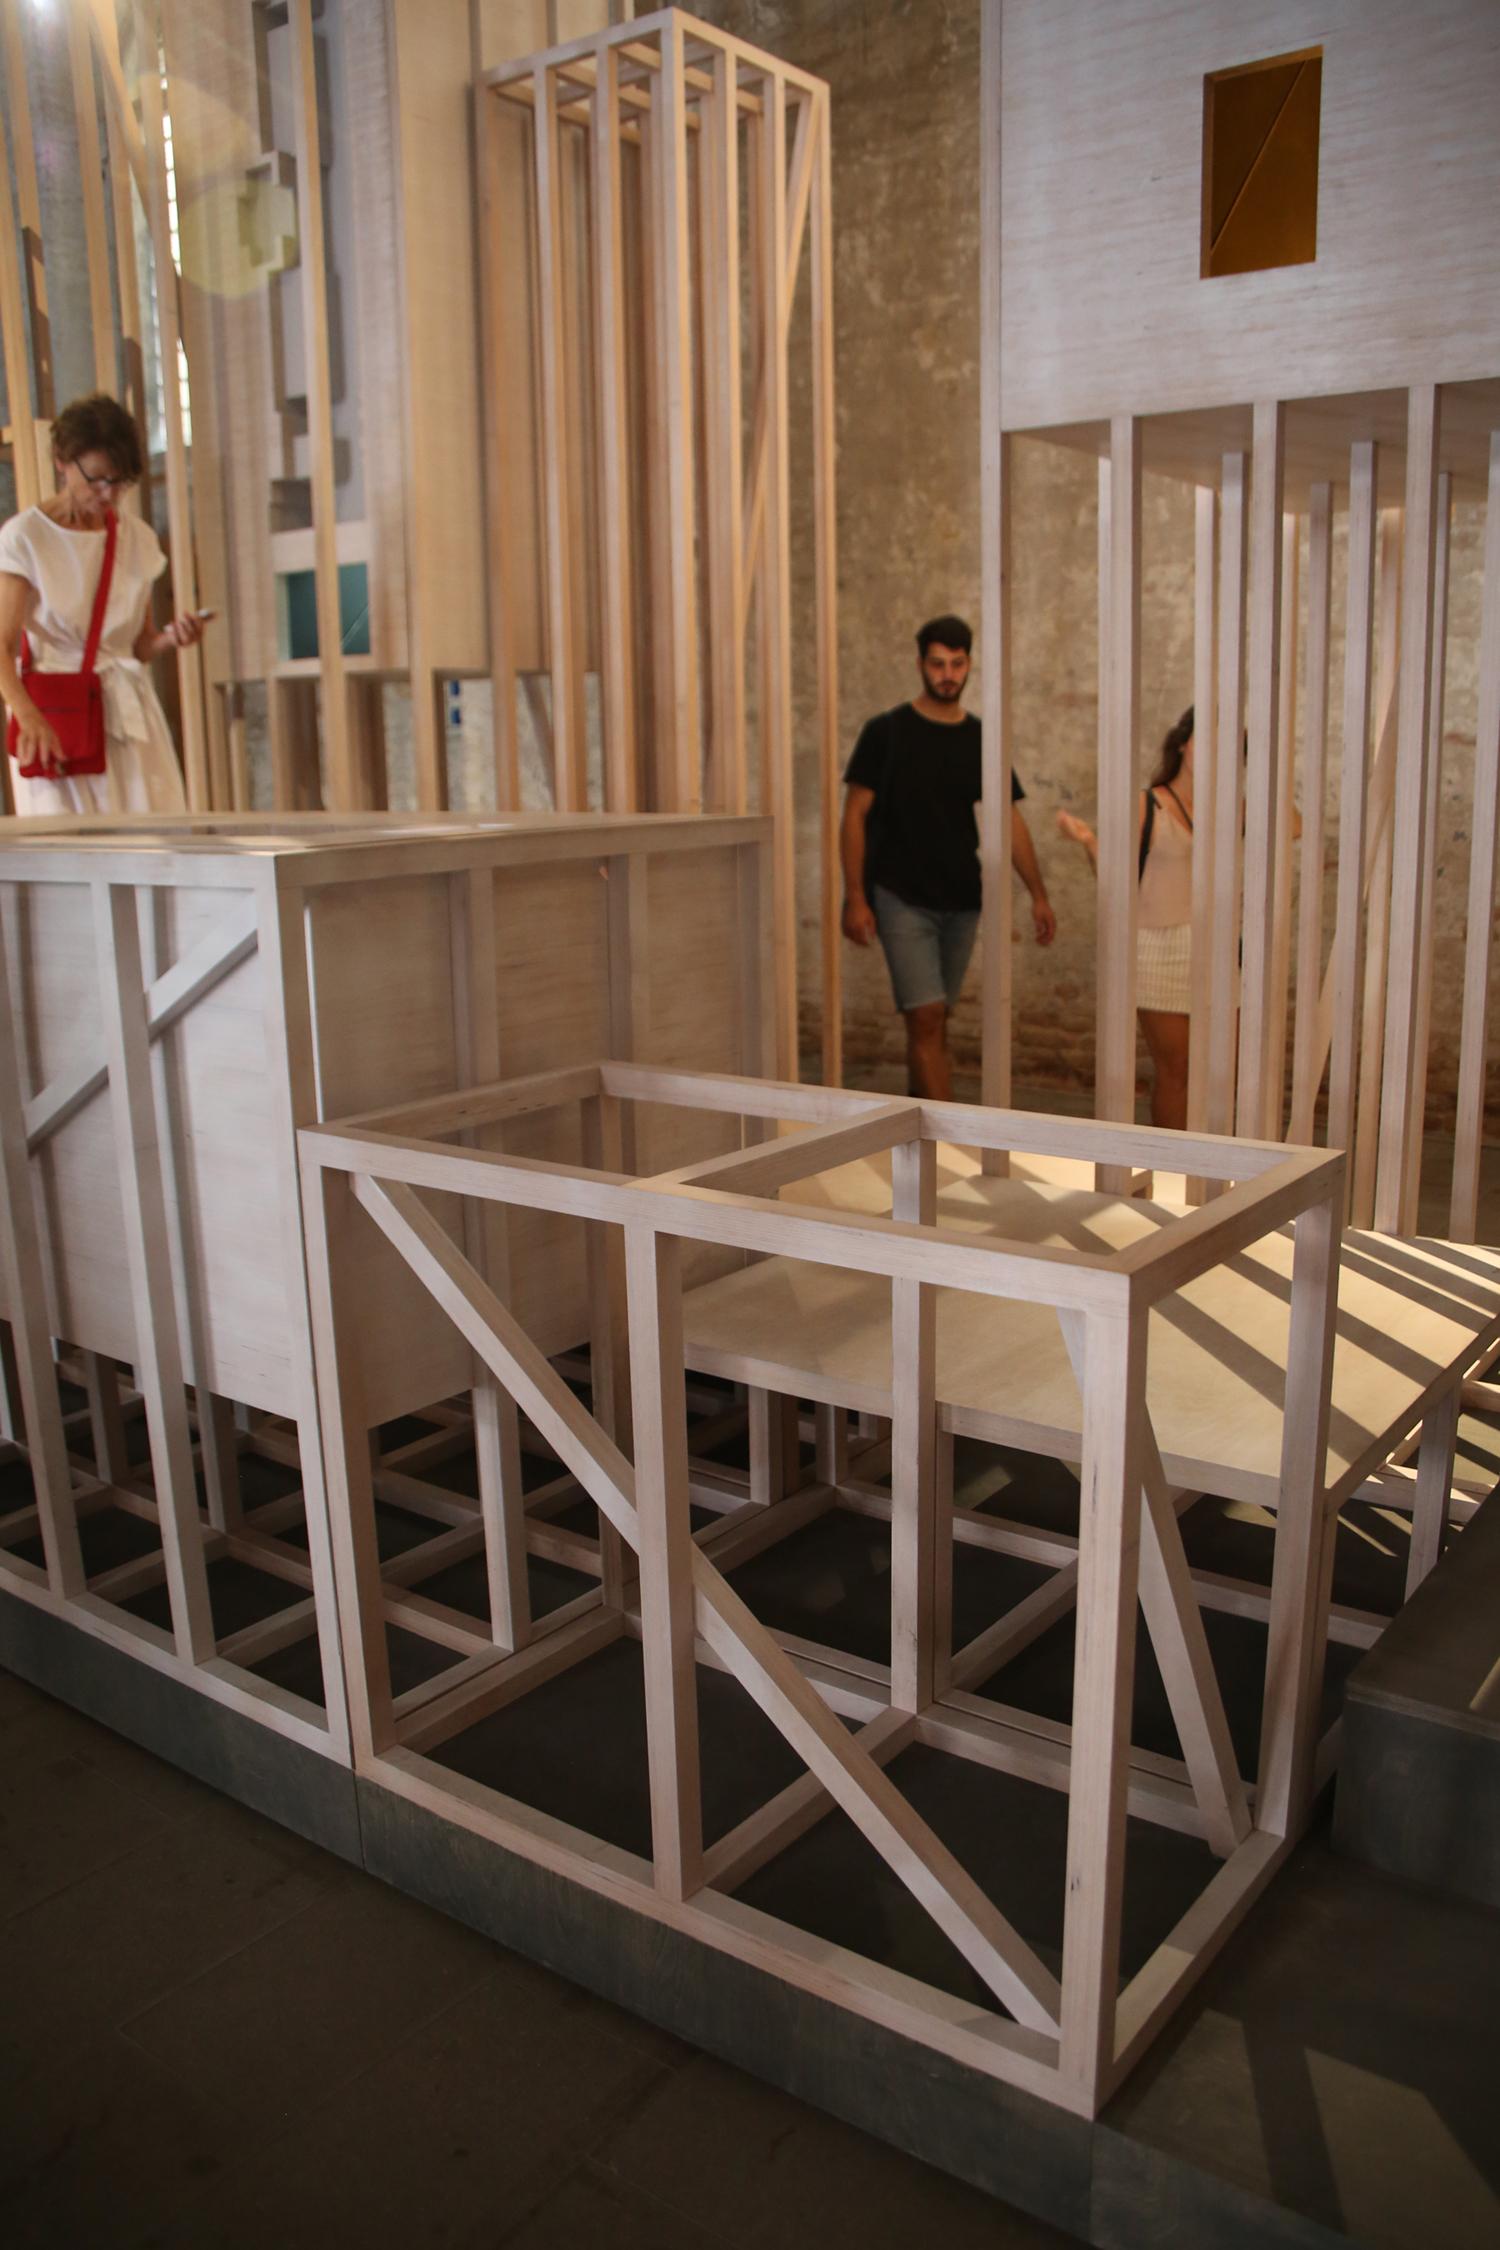 biennale architecture venise 2018 460.JPG